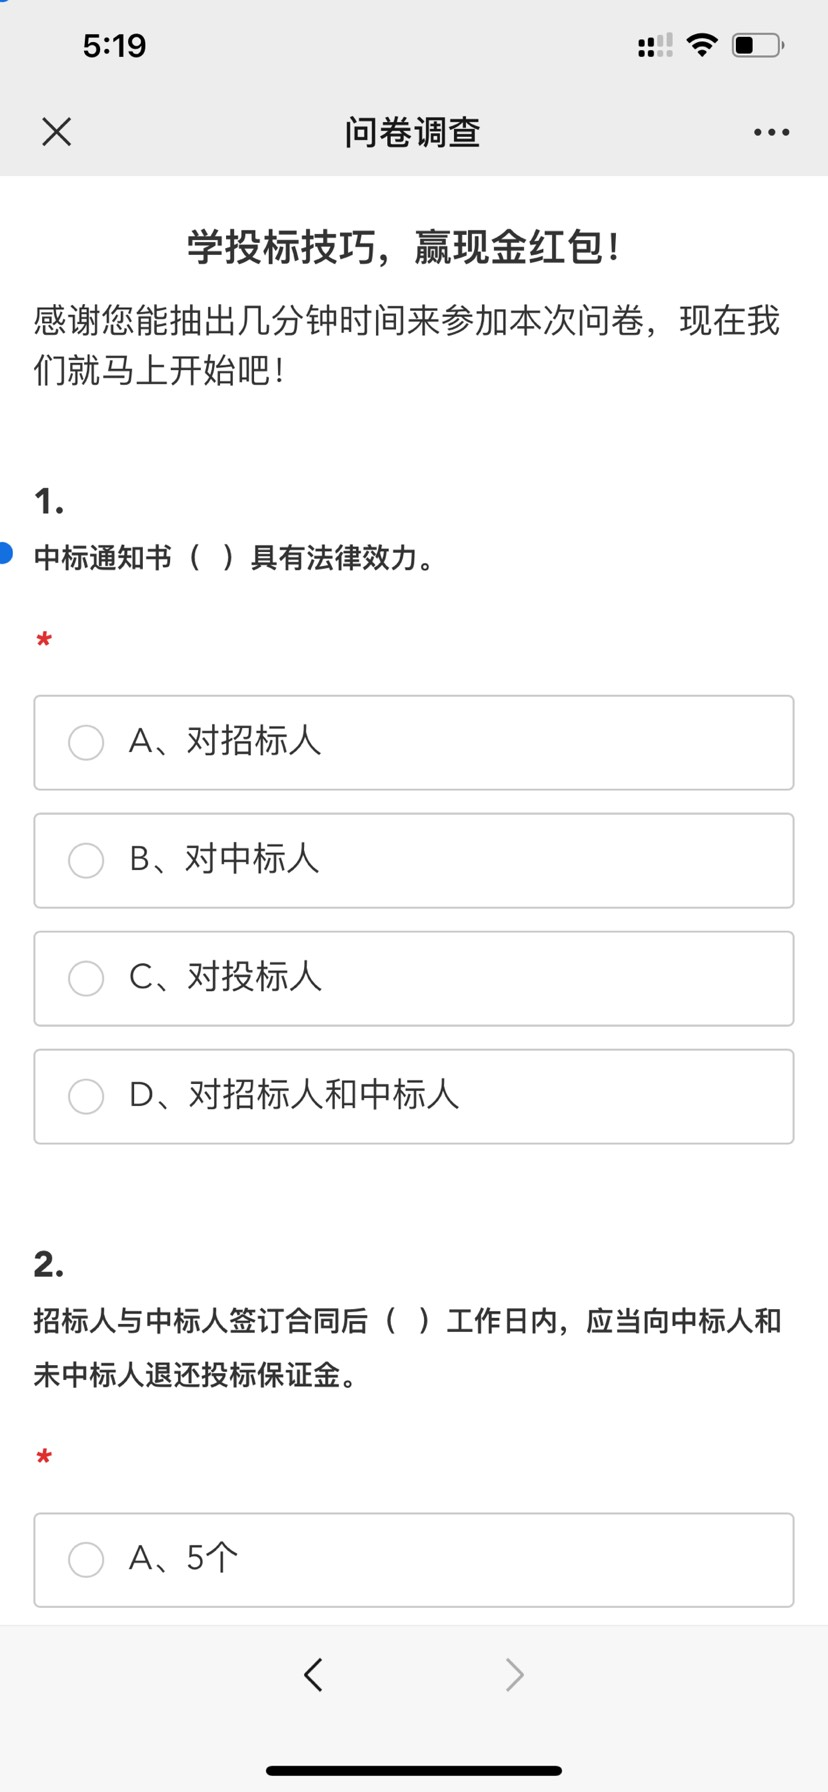 【现金红包】江苏私个问卷调查抽红包-聚合资源网